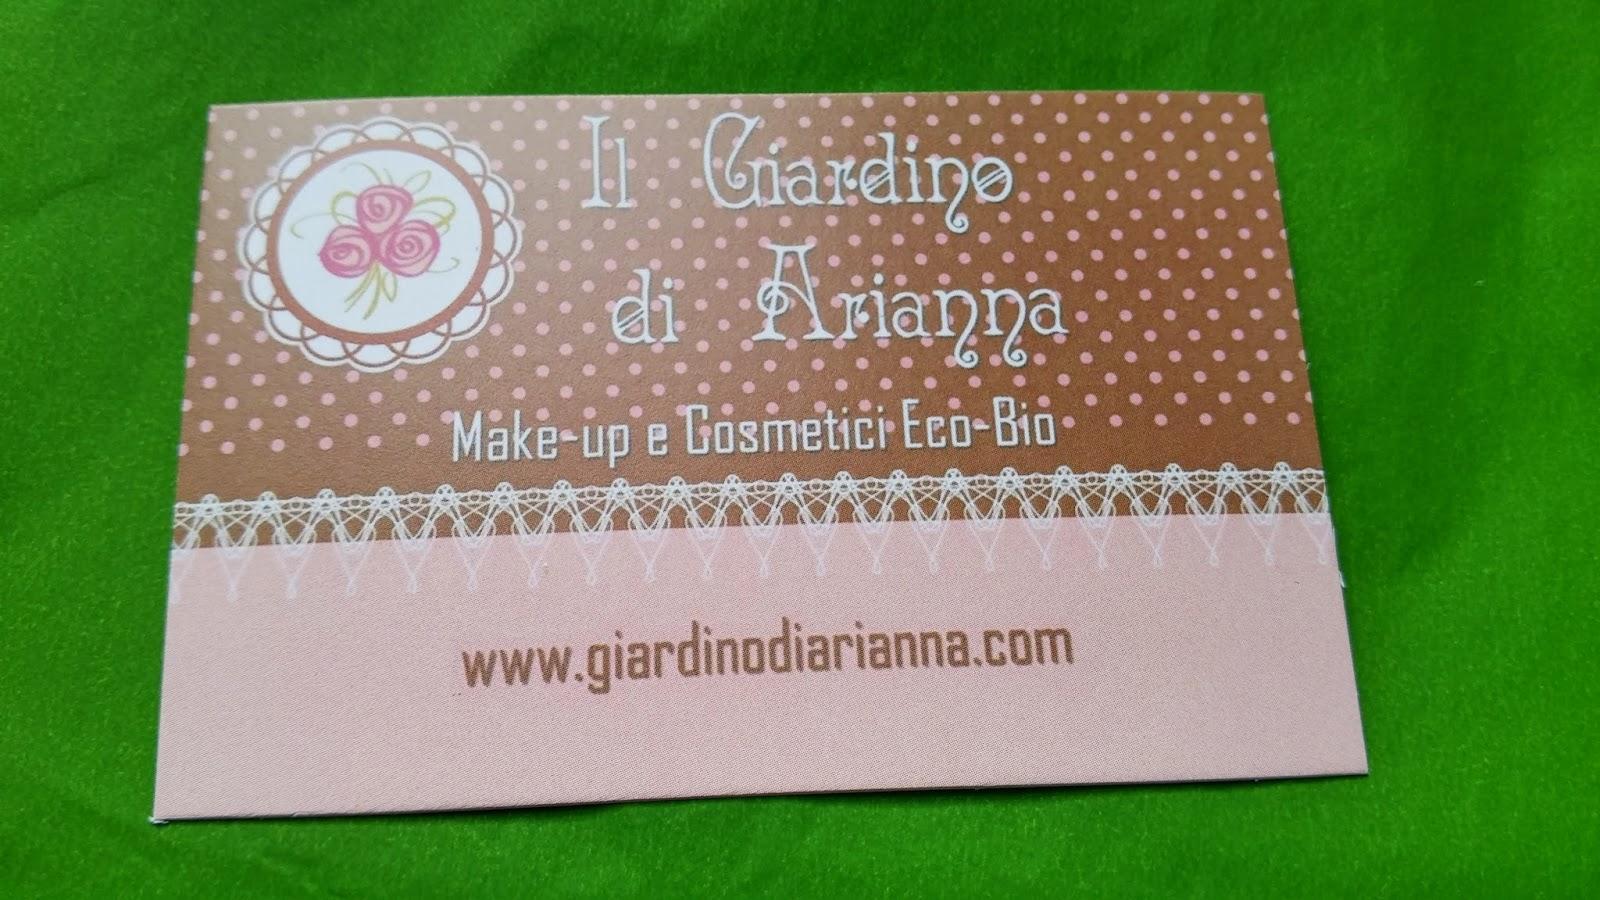 www.giardinodiarianna.com